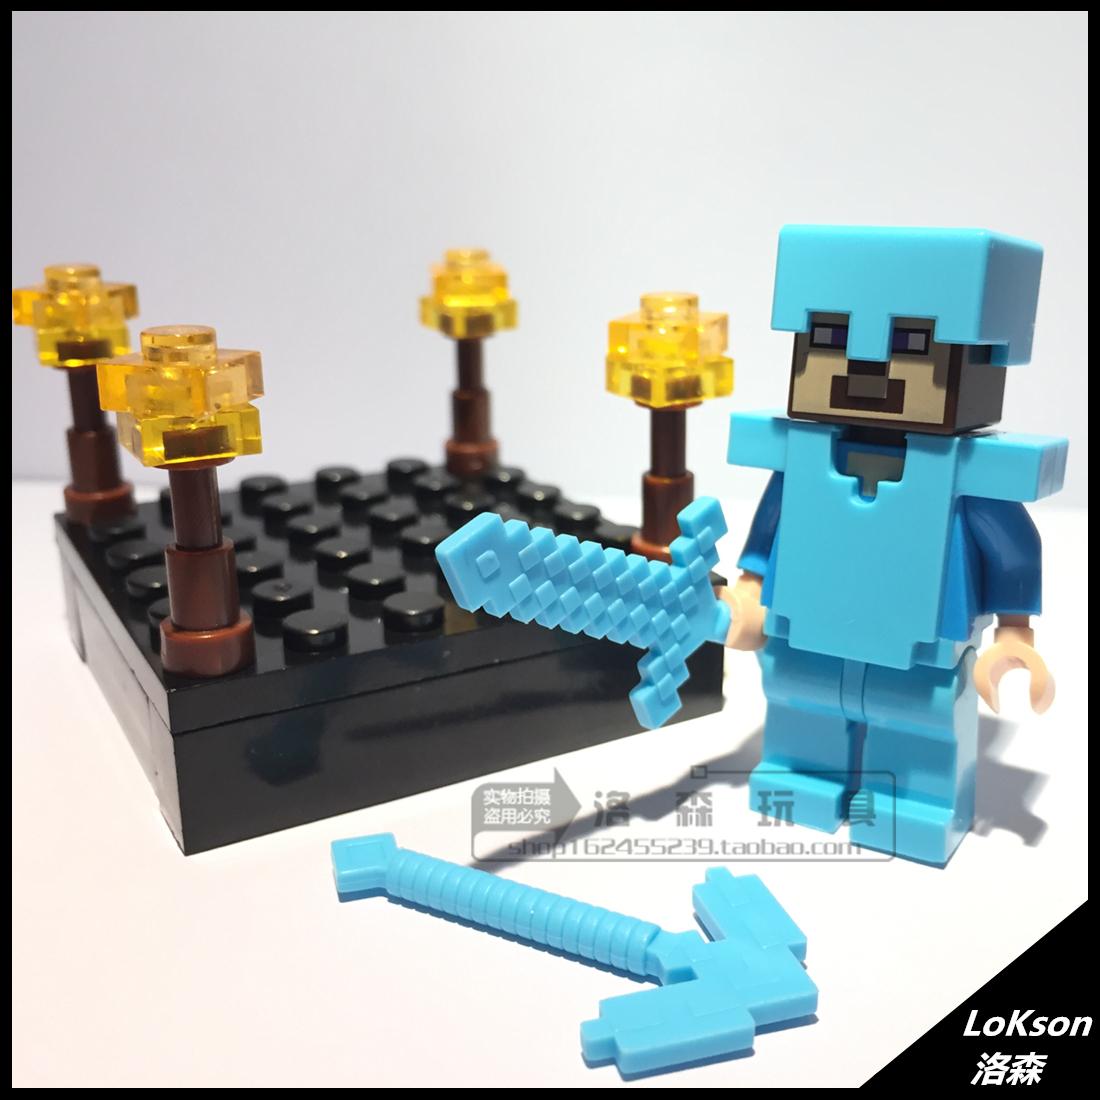 兼容乐高我的世界积木玩具钻石史蒂夫Minecraft益智拼装玩具包邮